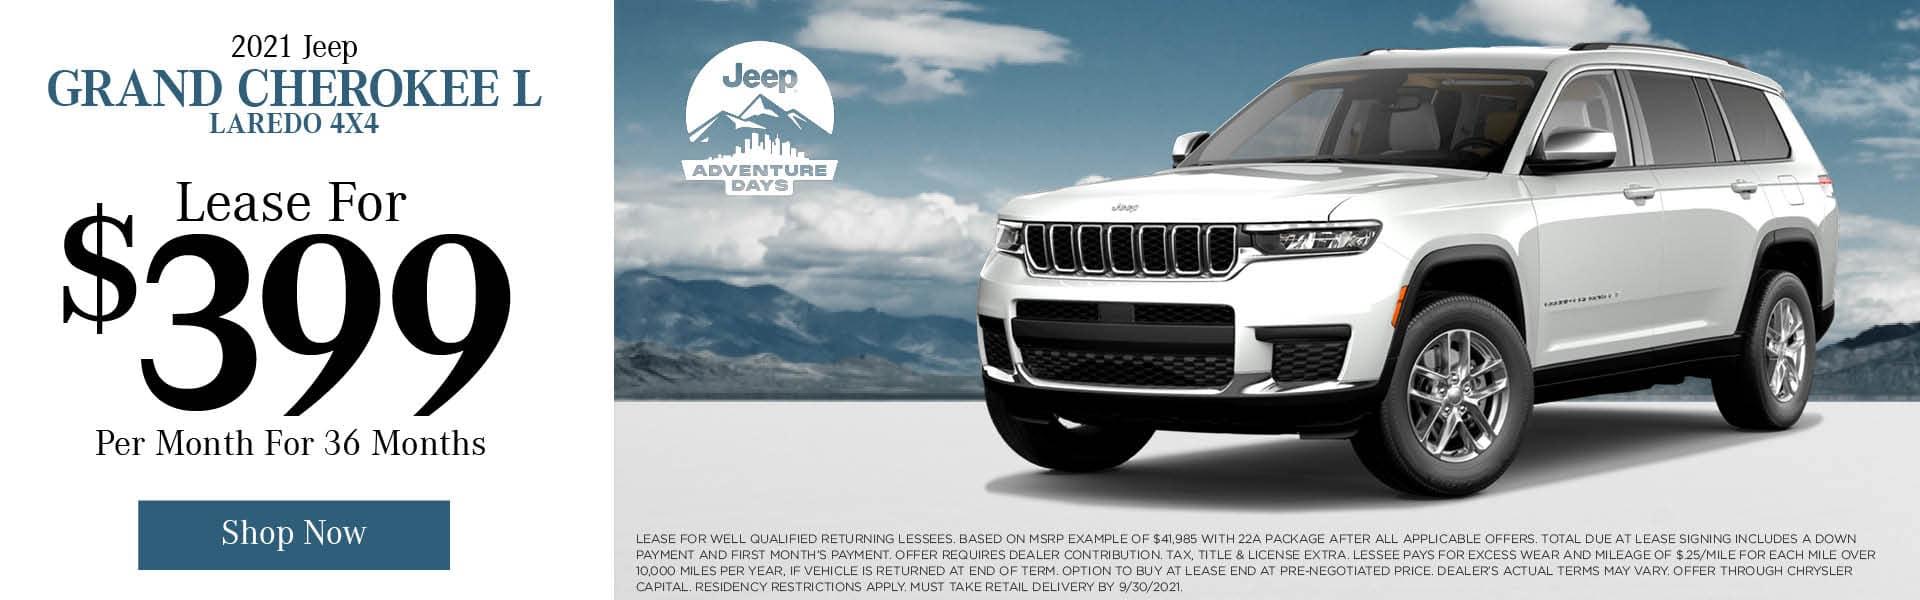 2021 Jeep Grand Cherokee L Laredo 4x4